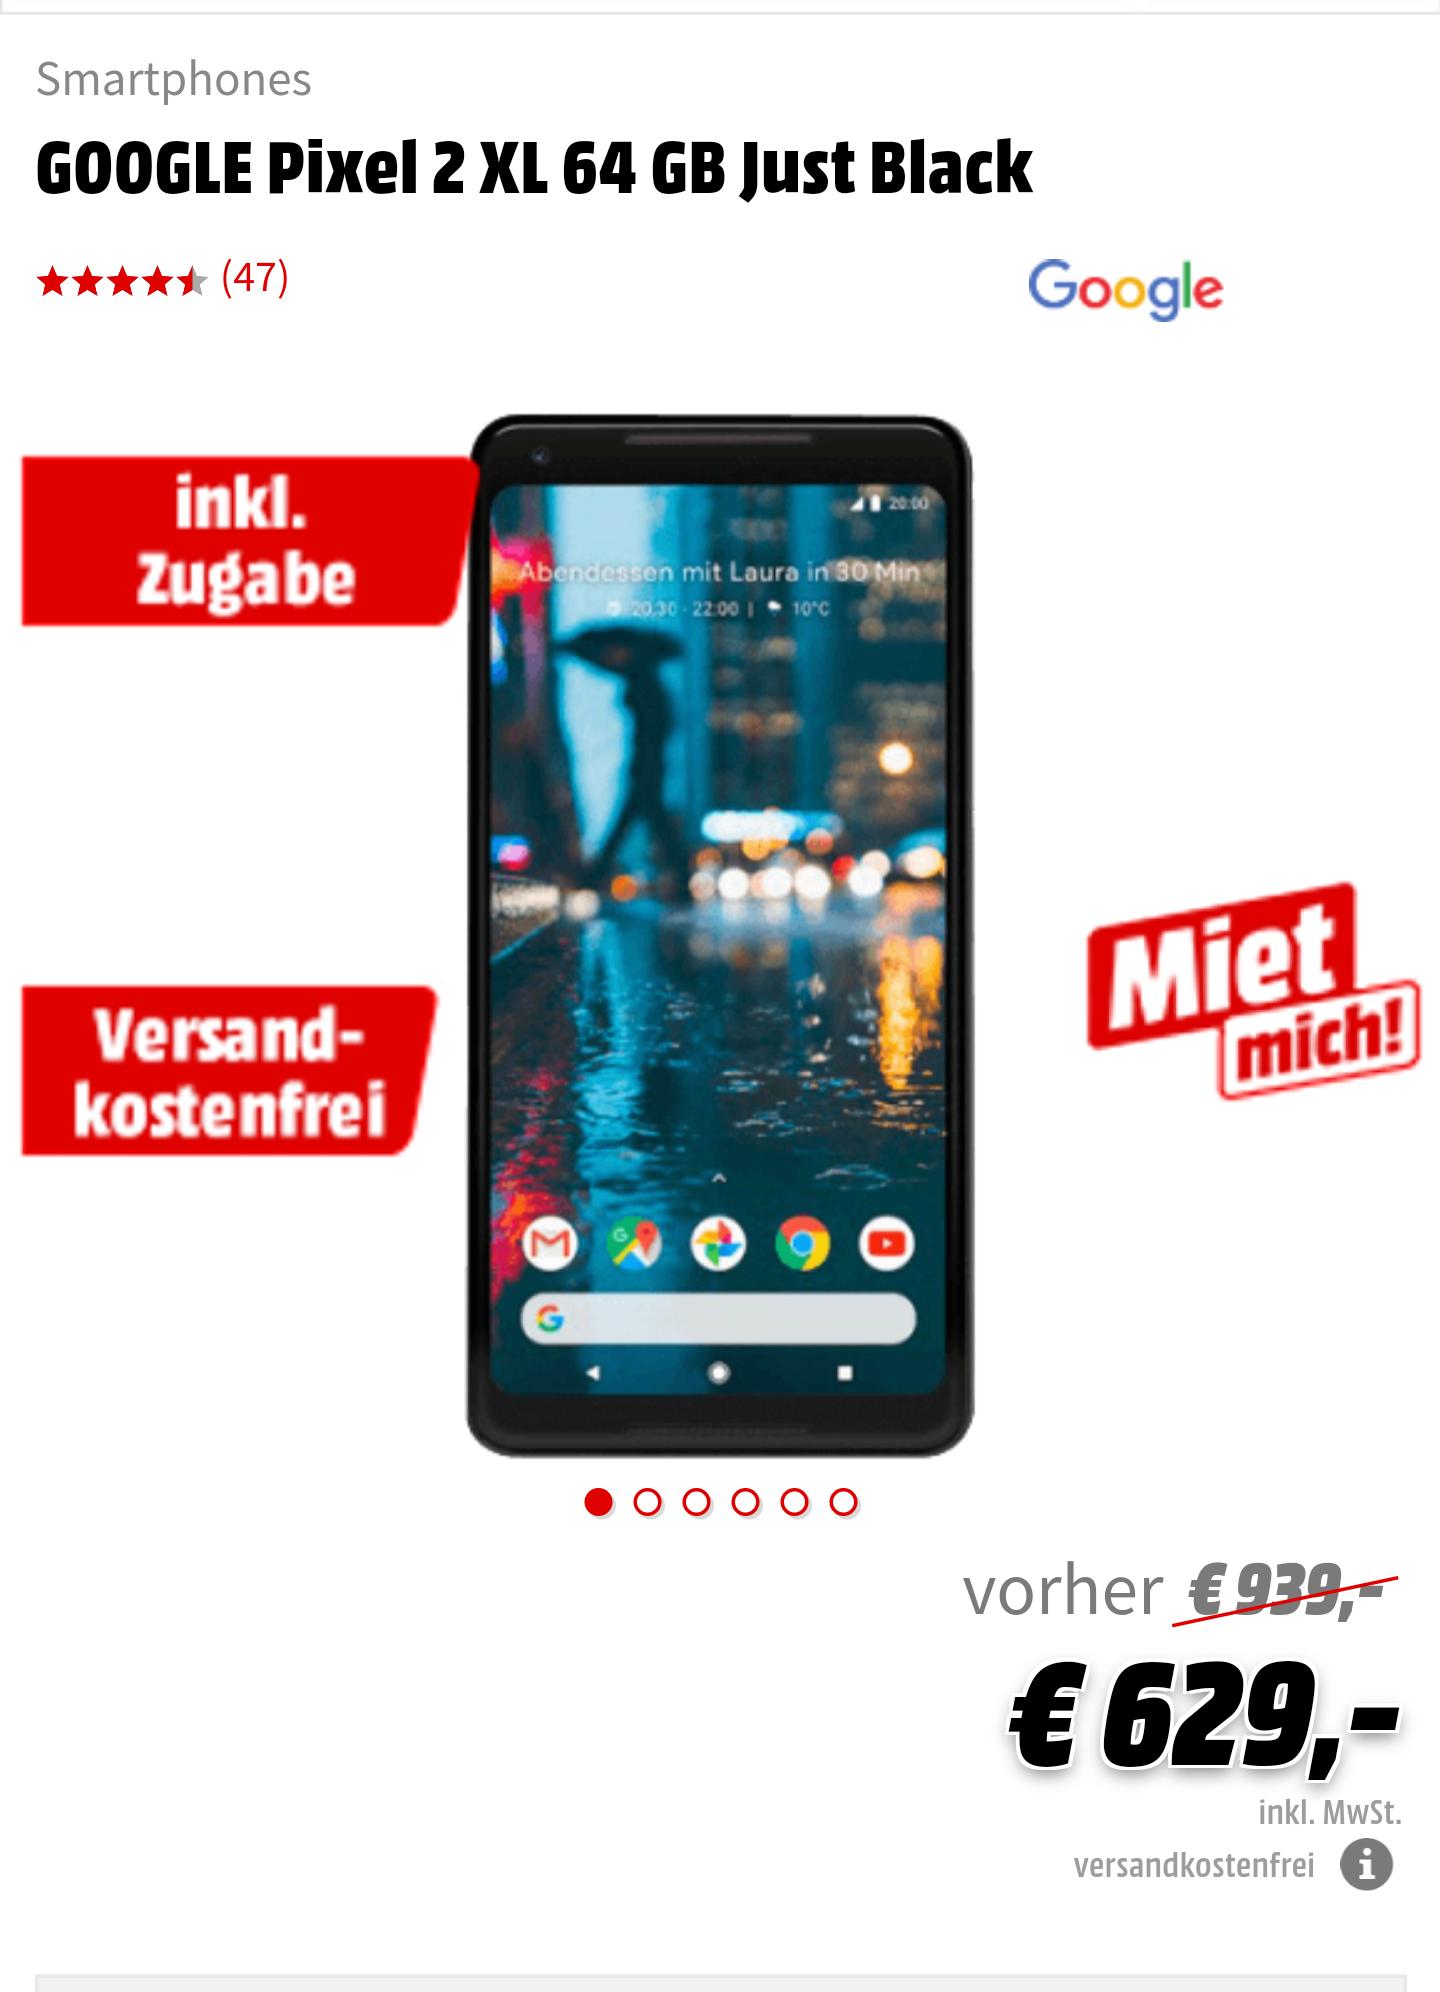 [GRENSDEAL DE] Google Pixel XL 2 64 gb just black + gratis voetbal